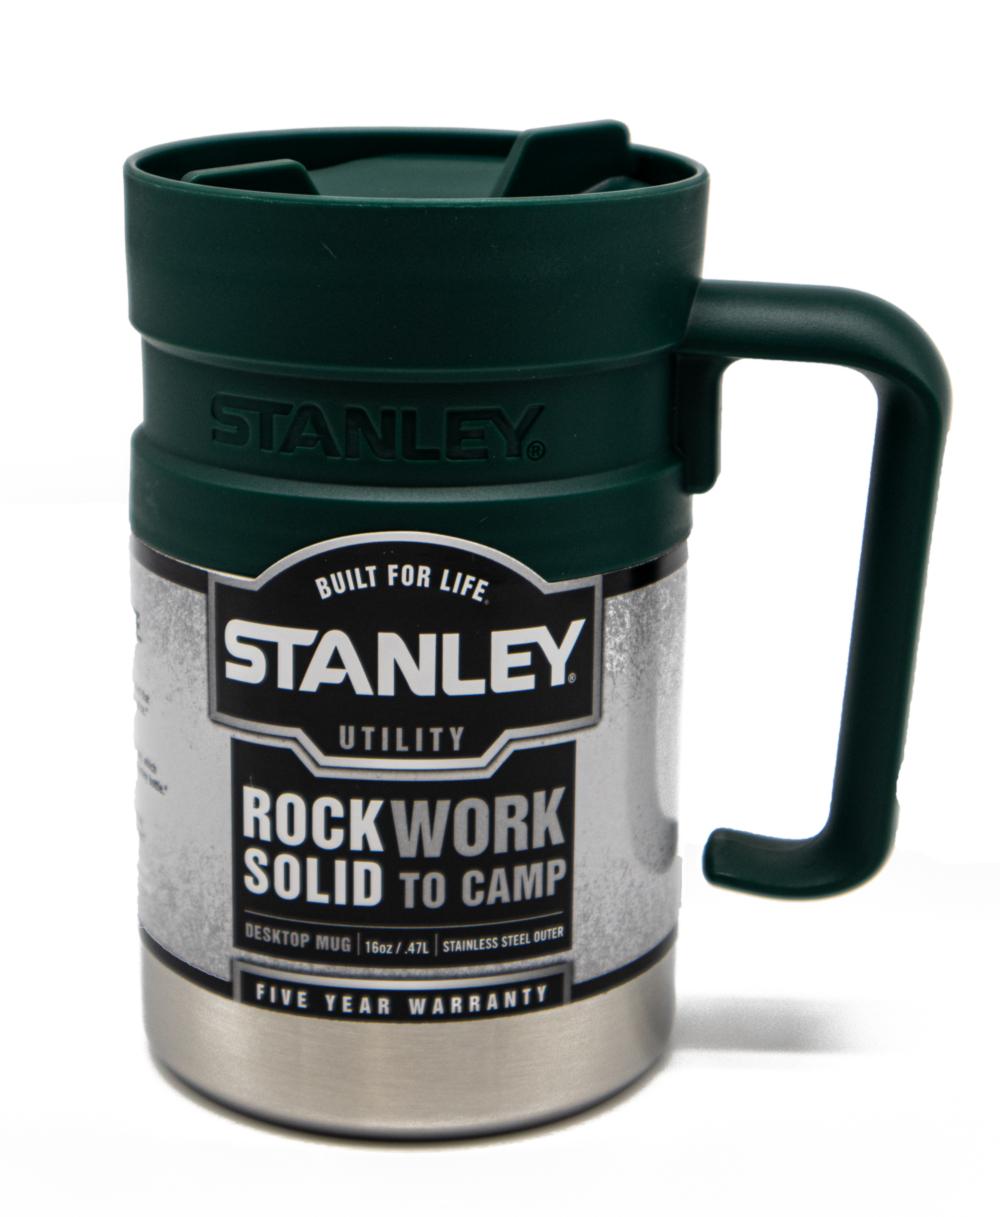 Stanley-gesamtansicht.jpg